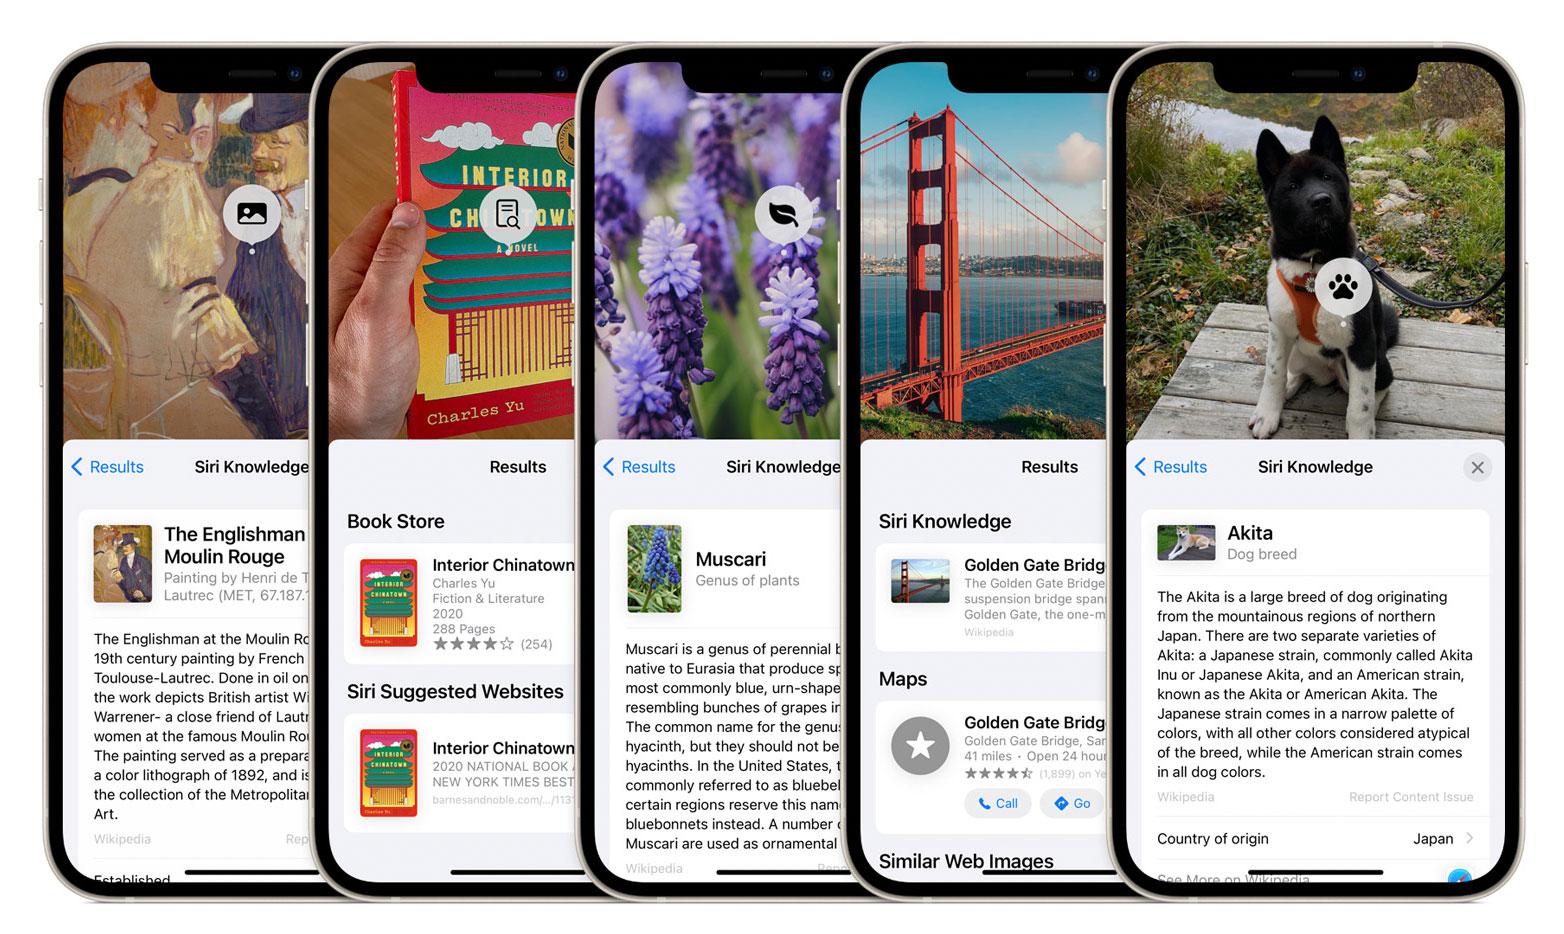 Reconocimiento de imágenes en iOS 15